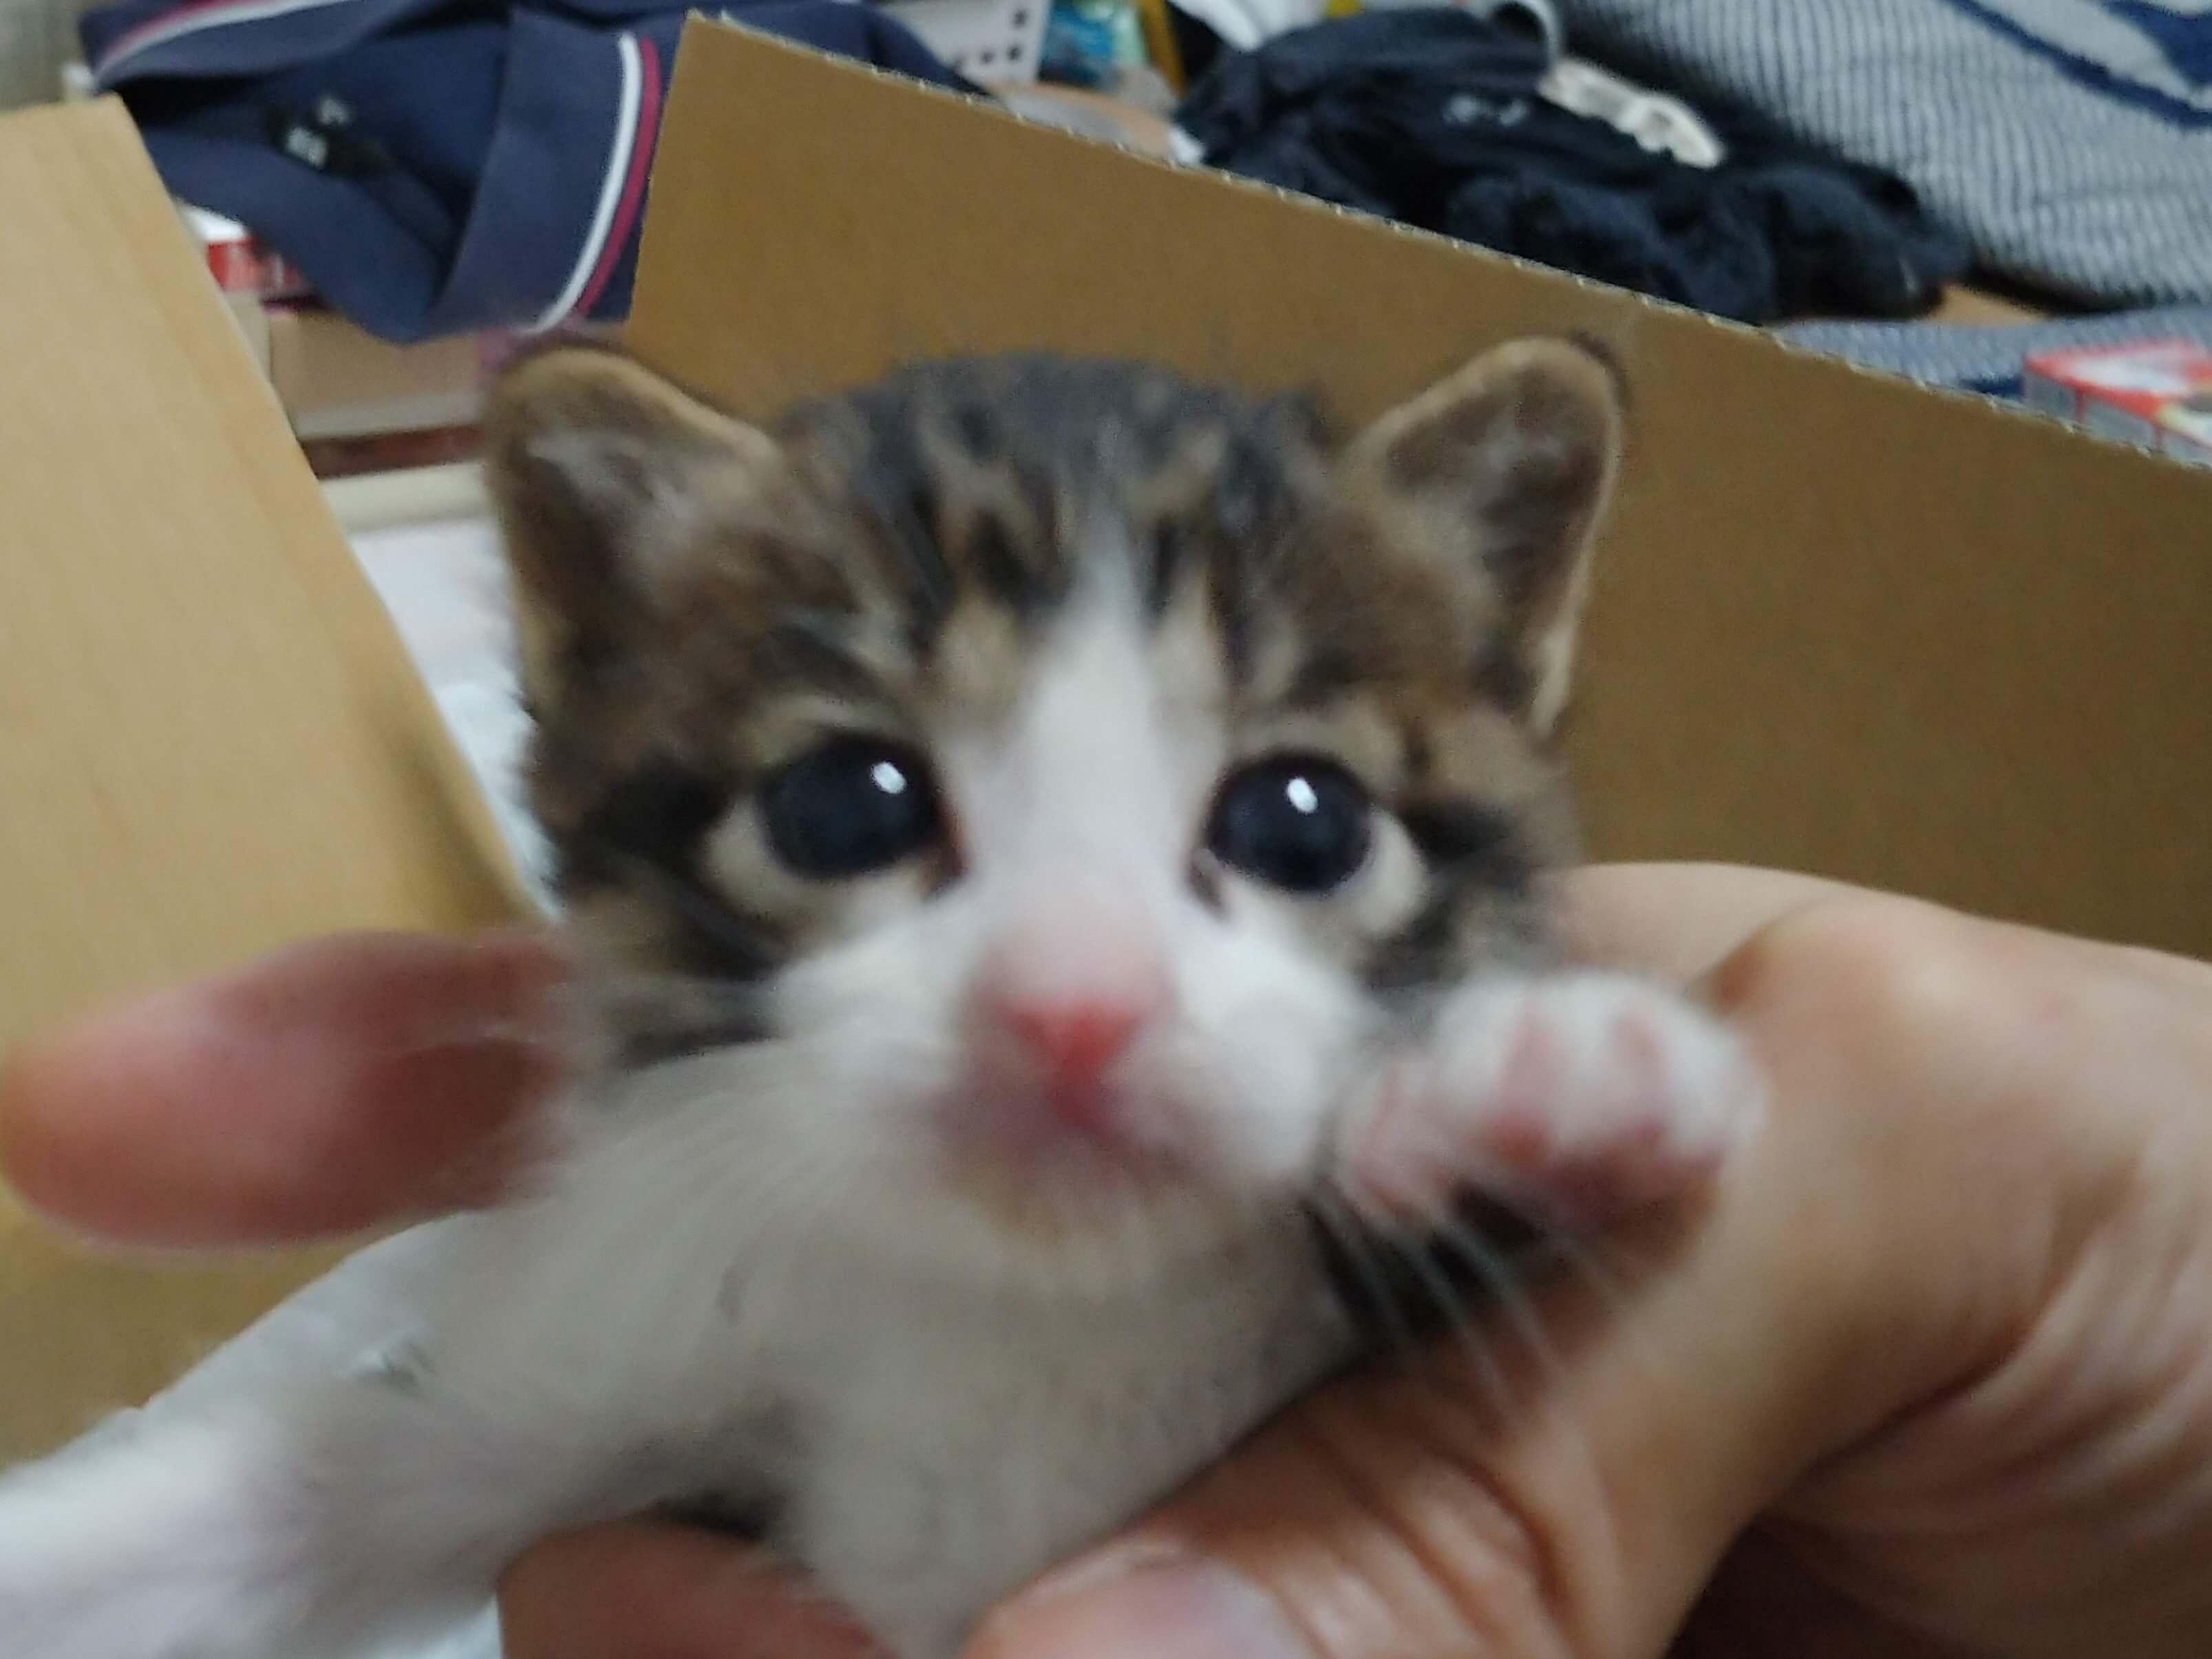 超カワイイ☆子猫ちゃん達の里親さん募集中です!